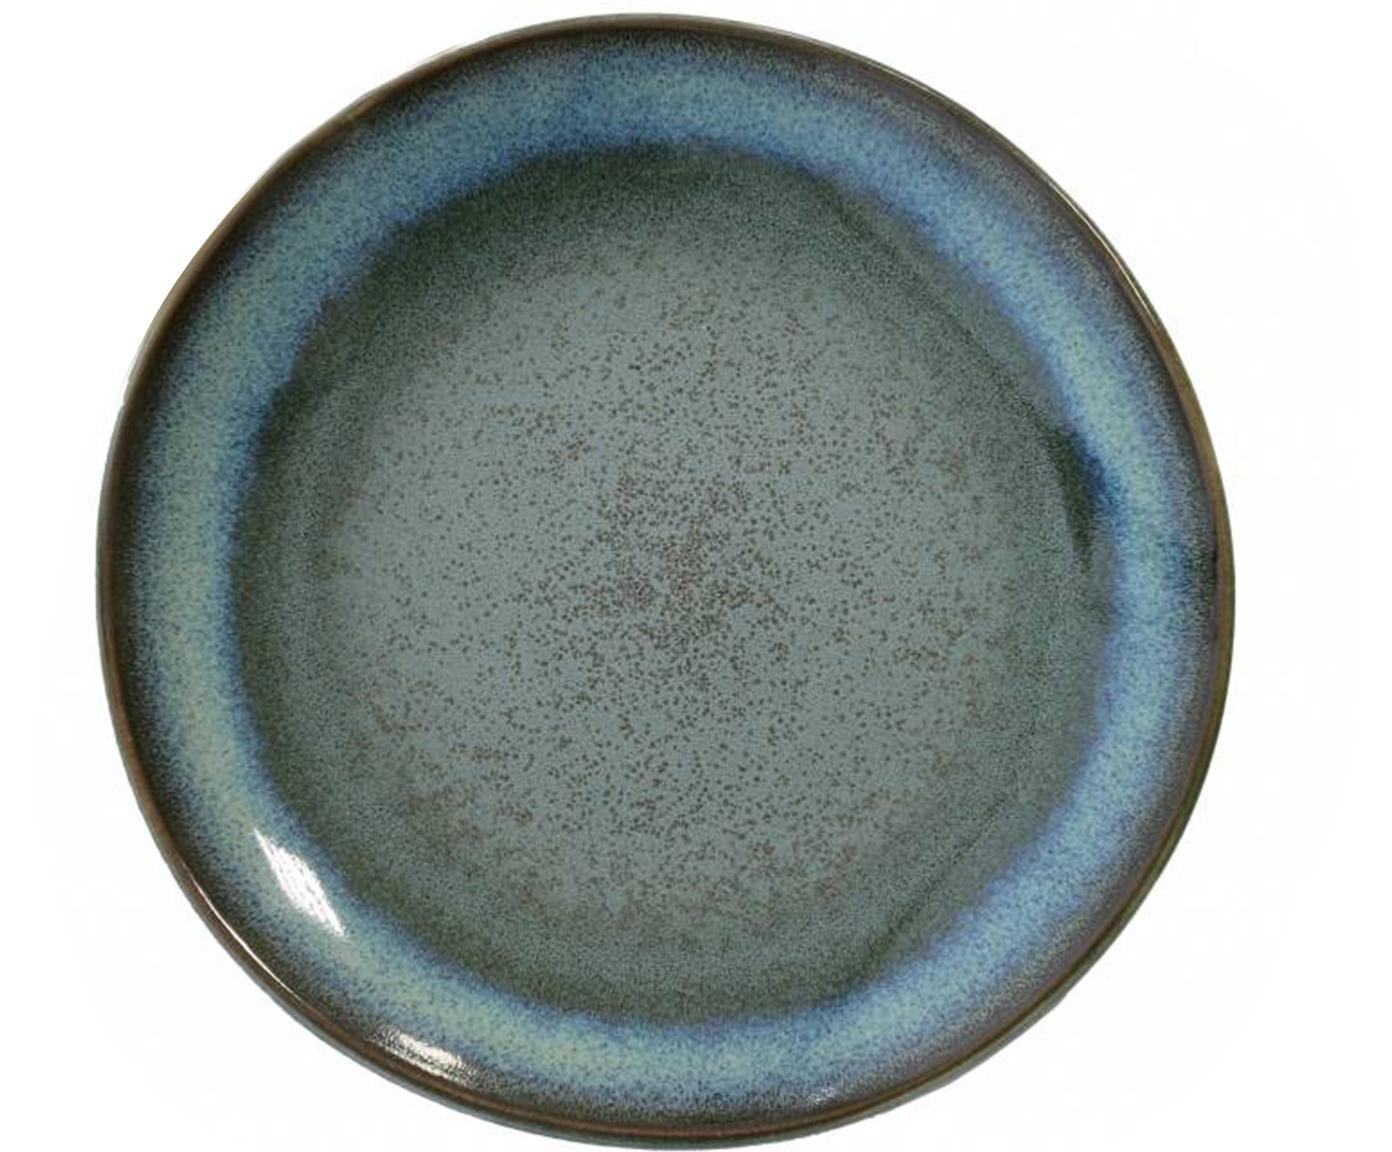 Handgemachte Kuchenteller 70's im Retro Style, 2 Stück, Keramik, Blautöne, Grüntöne, Ø 18 cm